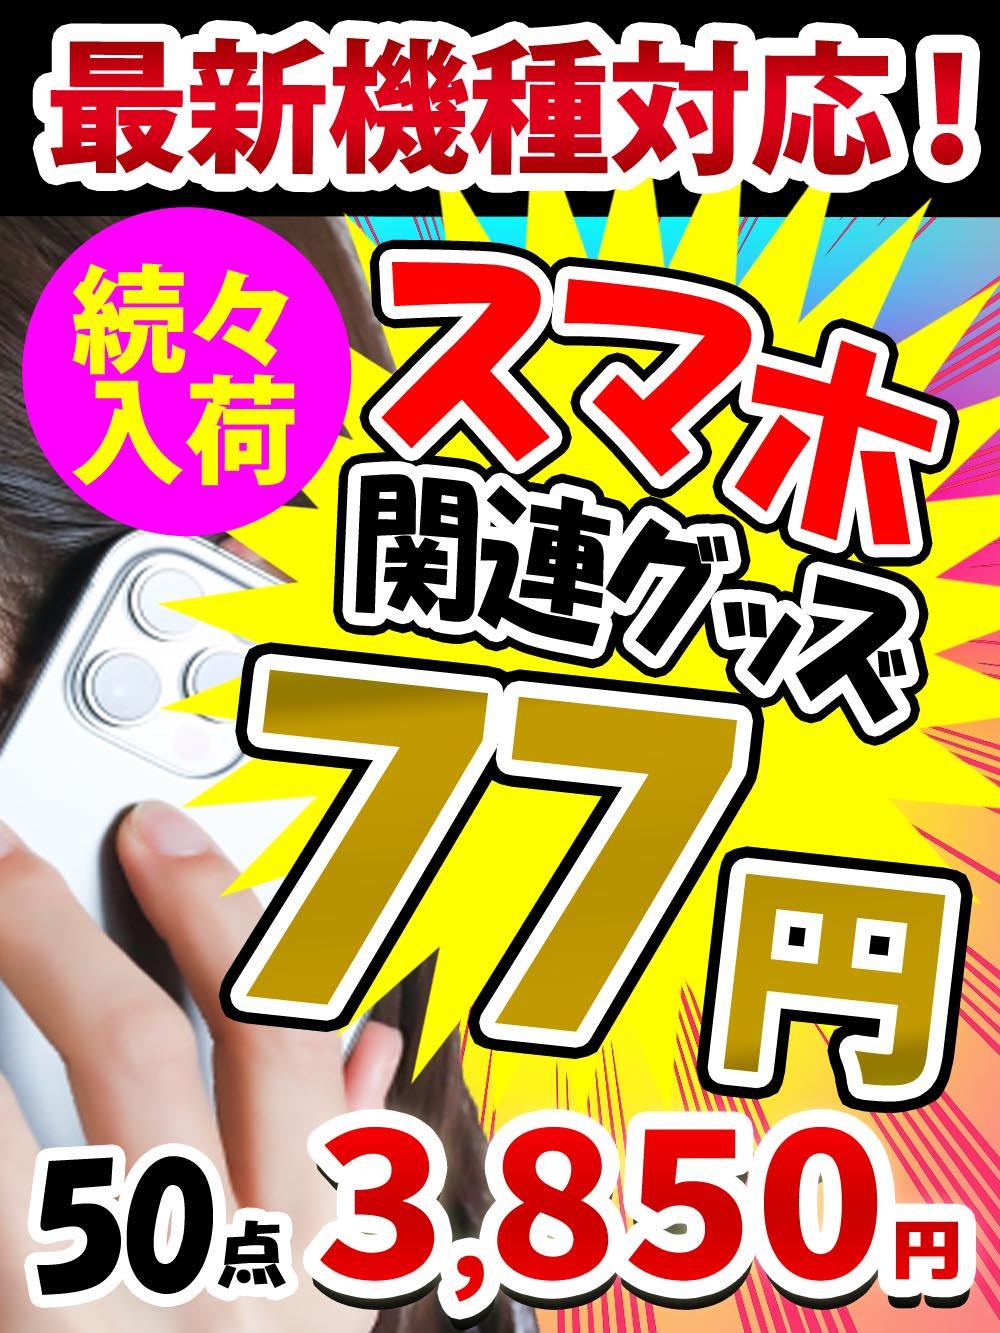 【上代90%OFF以上】NEW商品追加中!スマホケース&フィルムアソート iPad/iPhone/Xperia/GALAXY/…多種対応【50点】@55